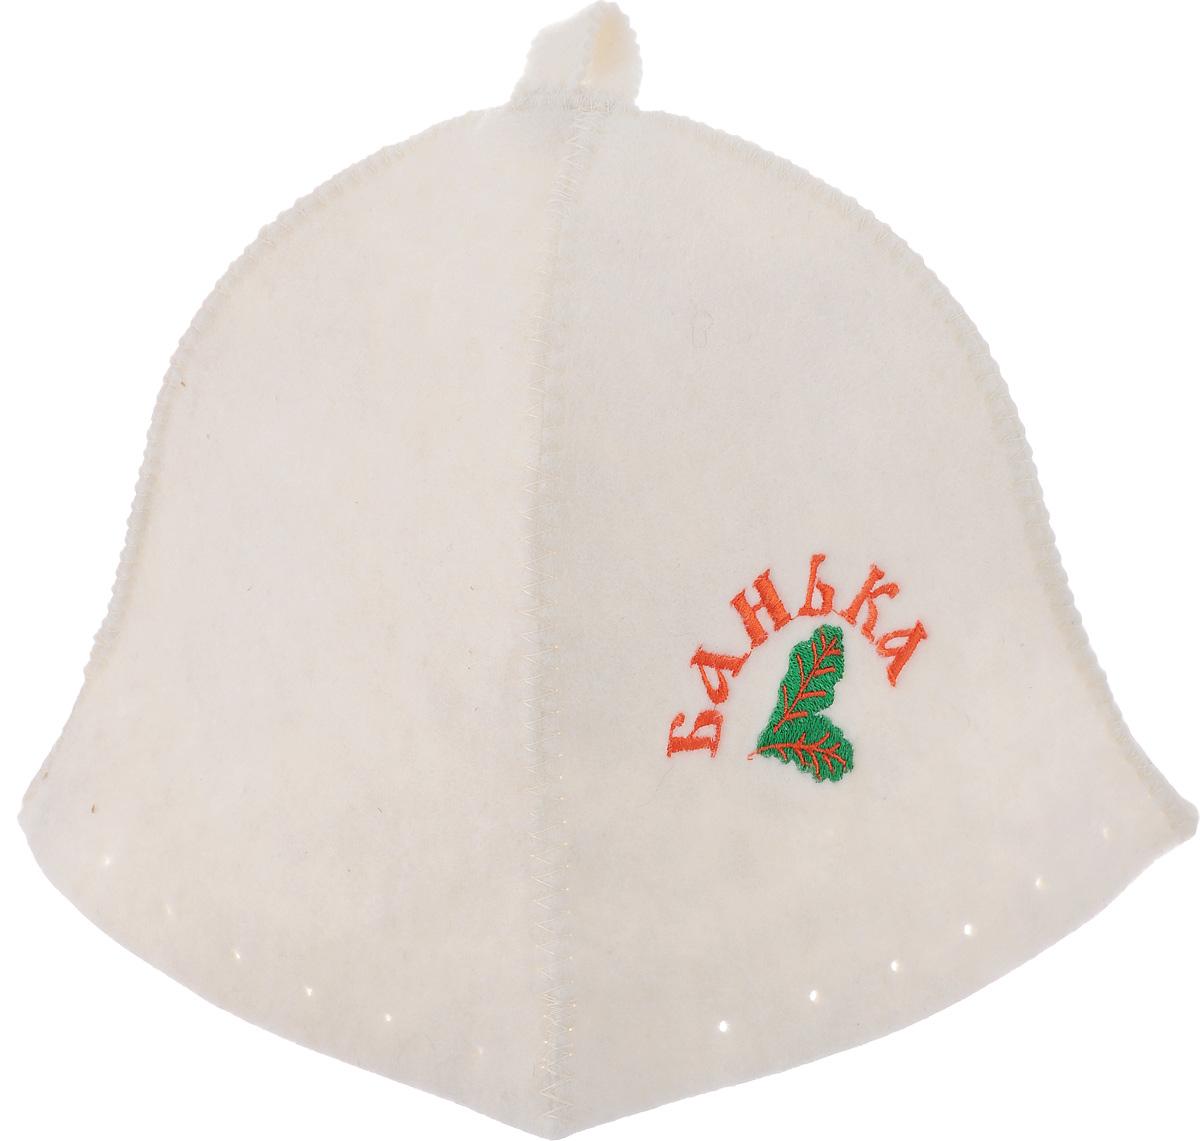 Шапка для бани и сауны Proffi Люкс. БанькаK100Банная шапка Proffi Люкс. Банька изготовлена из высококачественного войлока и декорирована изображением двух листьев и надписью Банька. Банная шапка - это незаменимый аксессуар для любителей попариться в русской бане и для тех, кто предпочитает сухой жар финской бани. Кроме того, шапка защитит волосы от сухости и ломкости, голову от перегрева и предотвратит появление головокружения. На шапке имеется петелька, с помощью которой ее можно повесить на крючок в предбаннике. Такая шапка станет отличным подарком для любителей отдыха в бане или сауне.Обхват головы: 74 см.Высота шапки: 24 см.